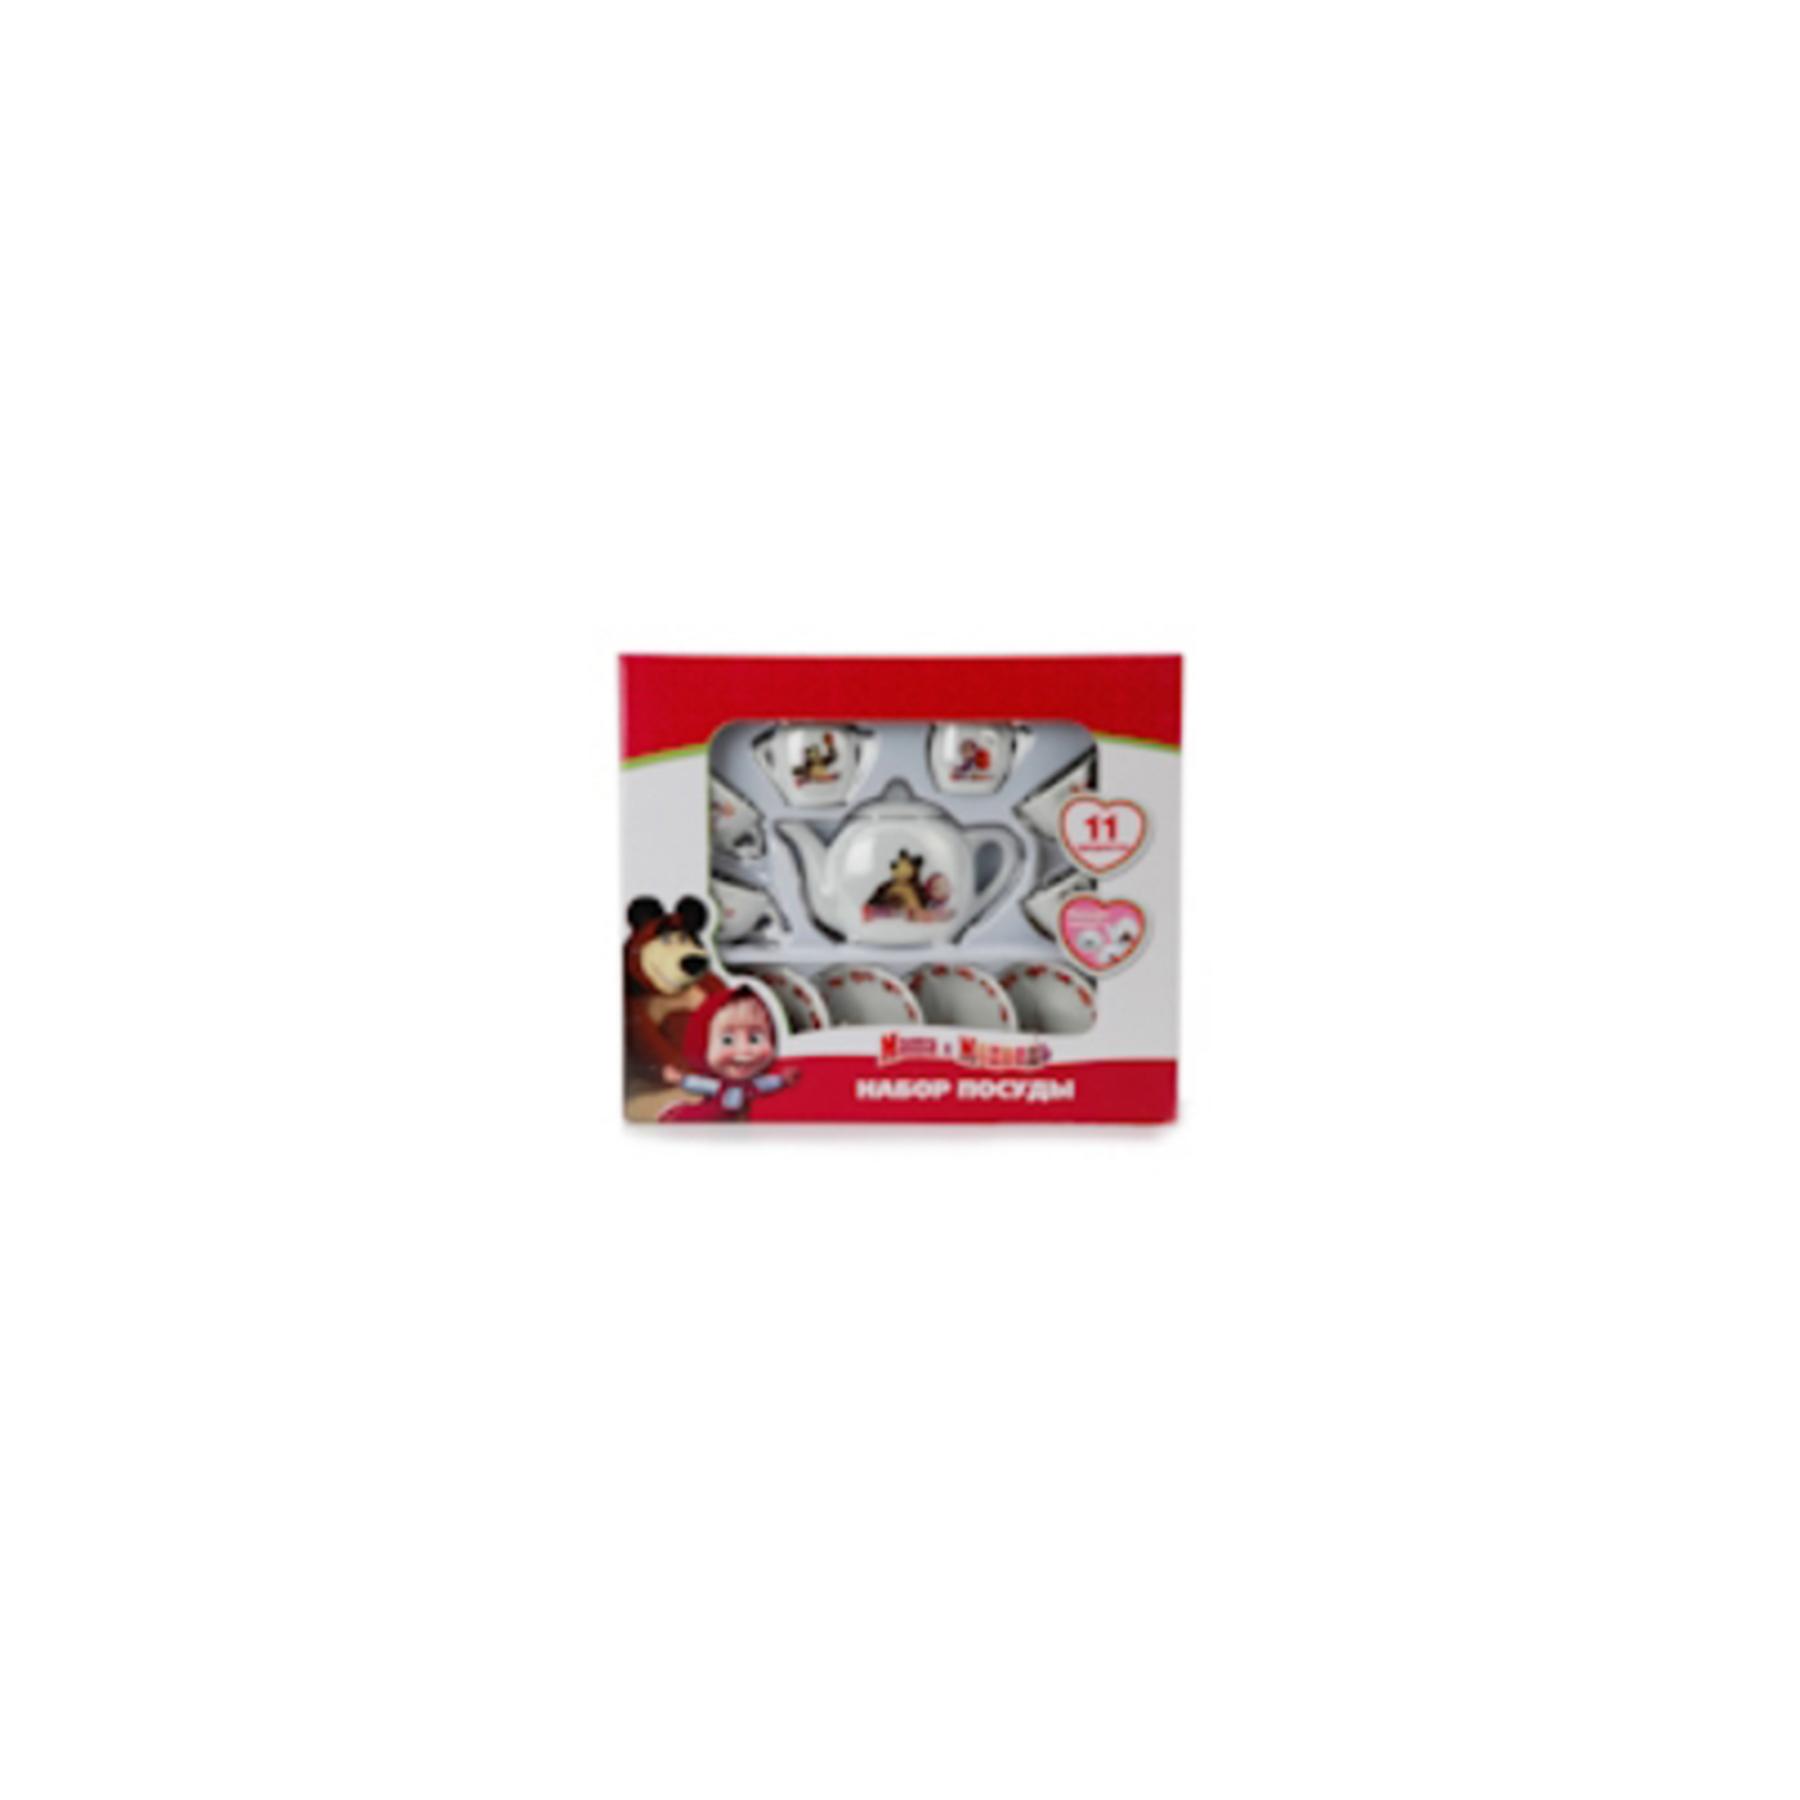 """Набор посуды """"играем вместе """" МАША И МЕДВЕДЬ CH 0034-RR (179809)"""